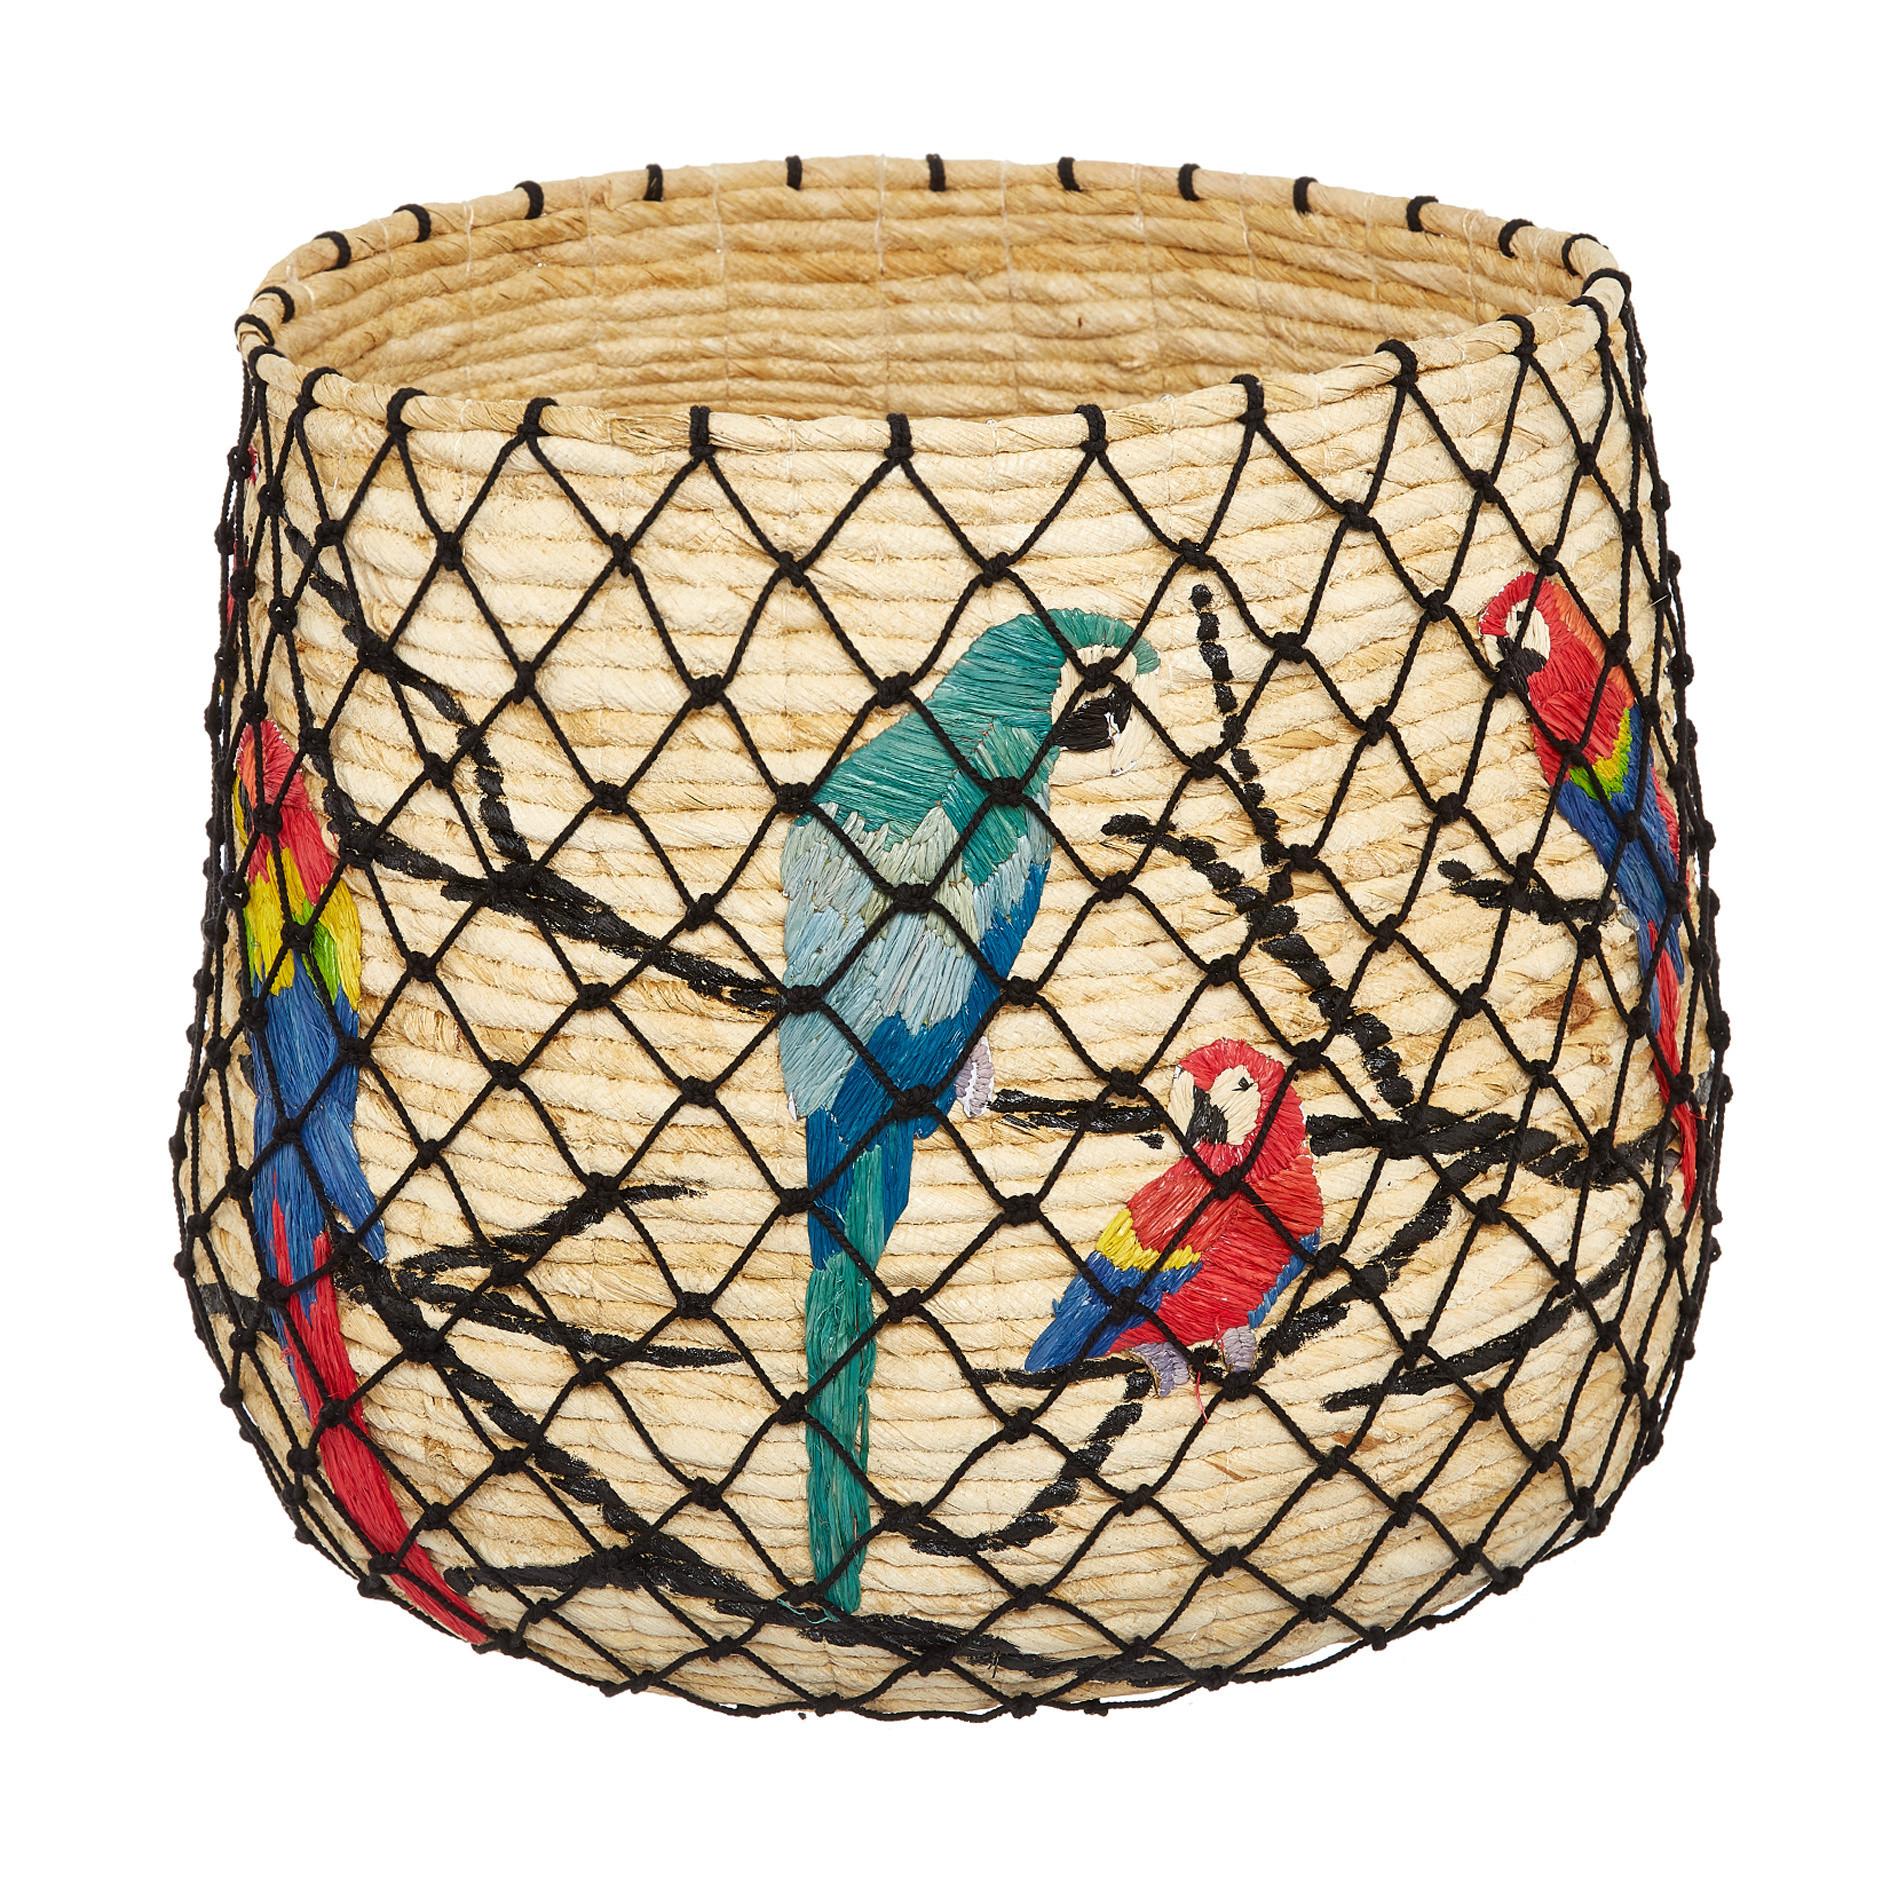 Cesto paglia intrecciata a mano decoro pappagalli, Trasparente, large image number 0